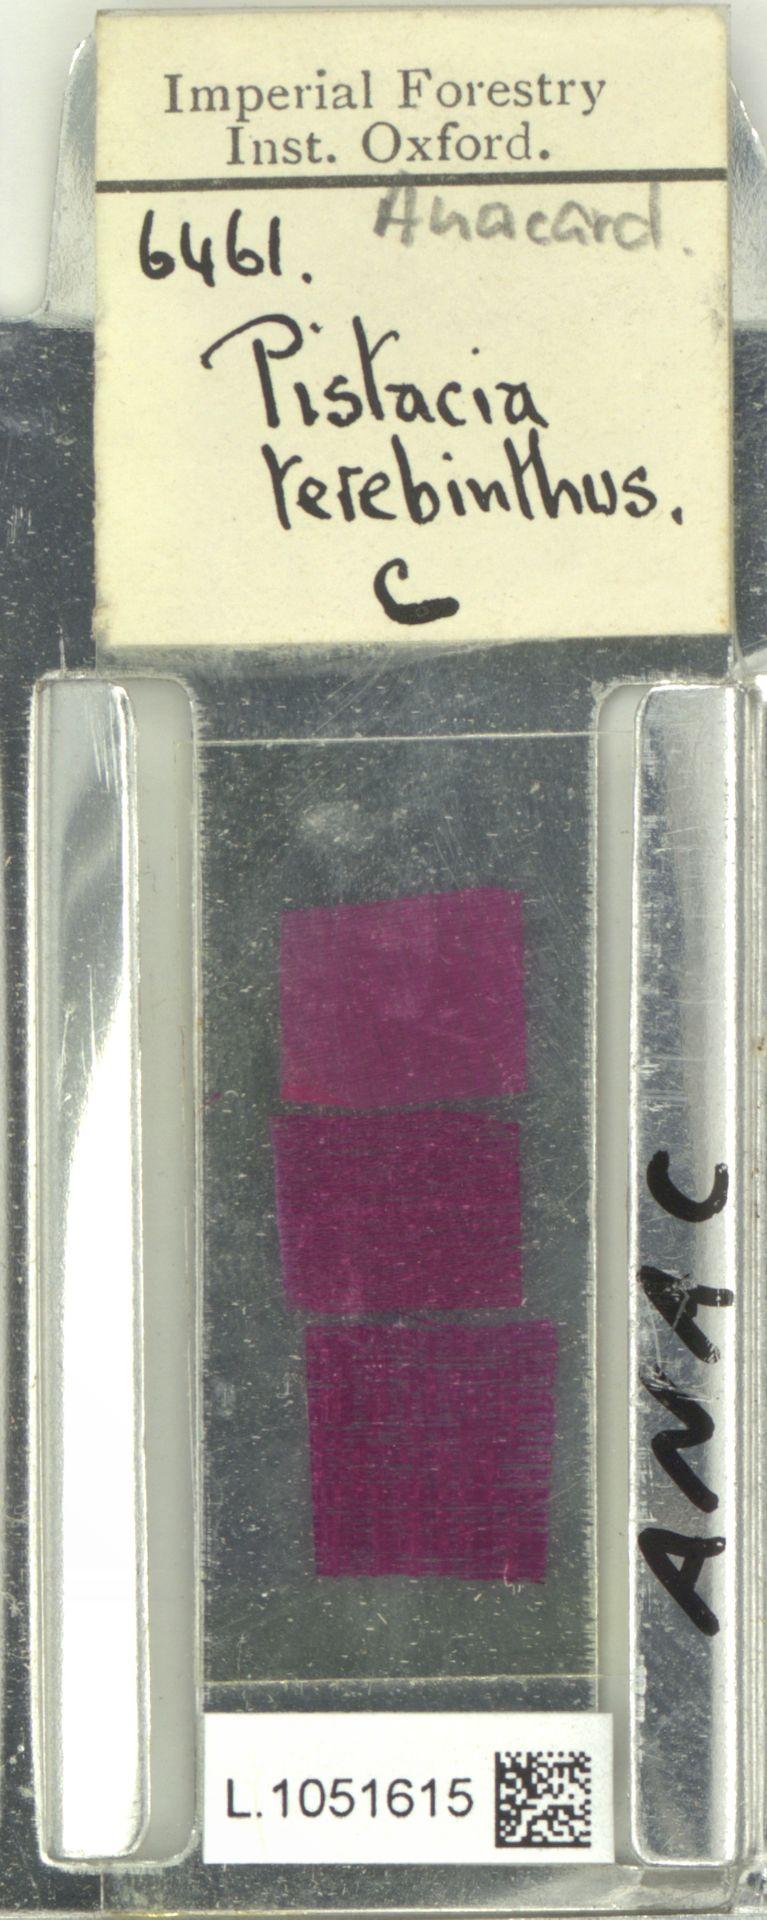 L.1051615 | Pistacia terebinthus L.